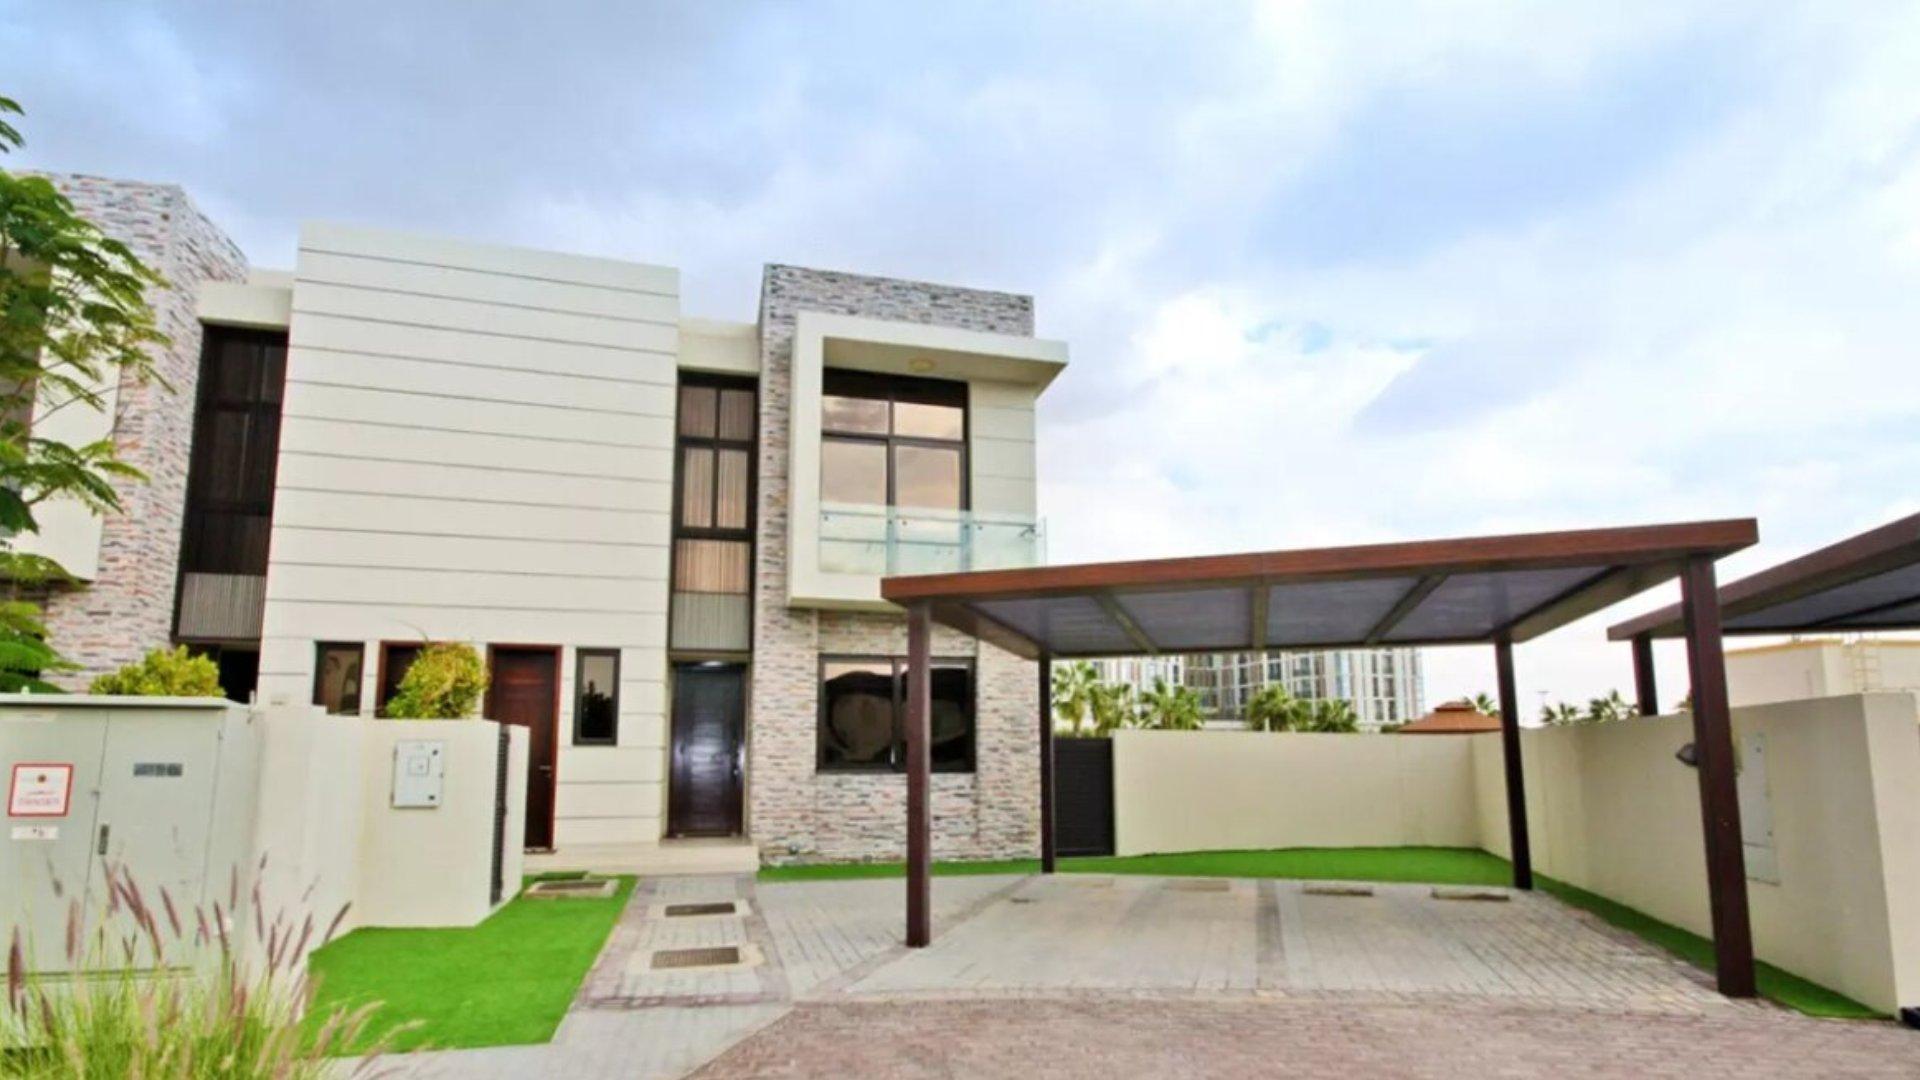 Villa en venta en Dubai, EAU, 5 dormitorios, 381 m2, № 24541 – foto 1